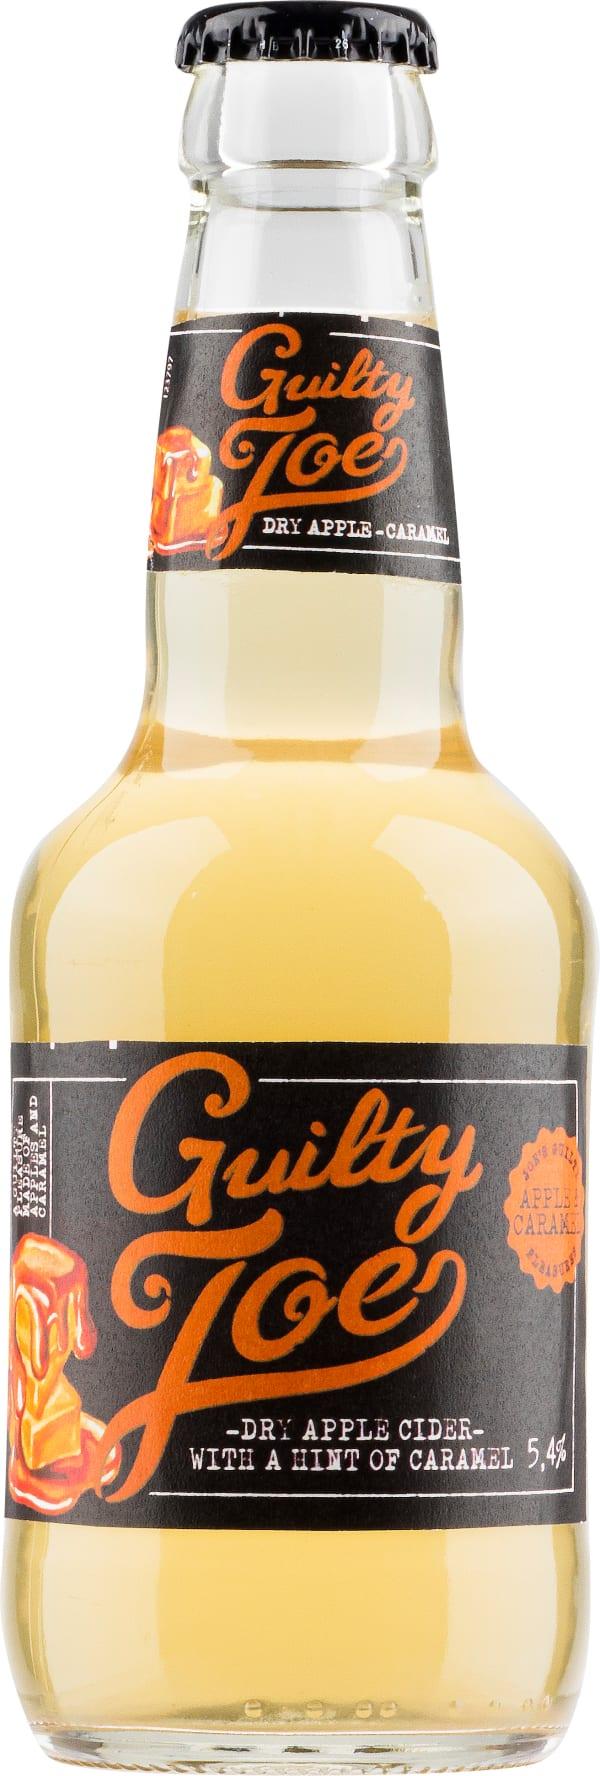 Guilty Joe Dry Apple & Caramel